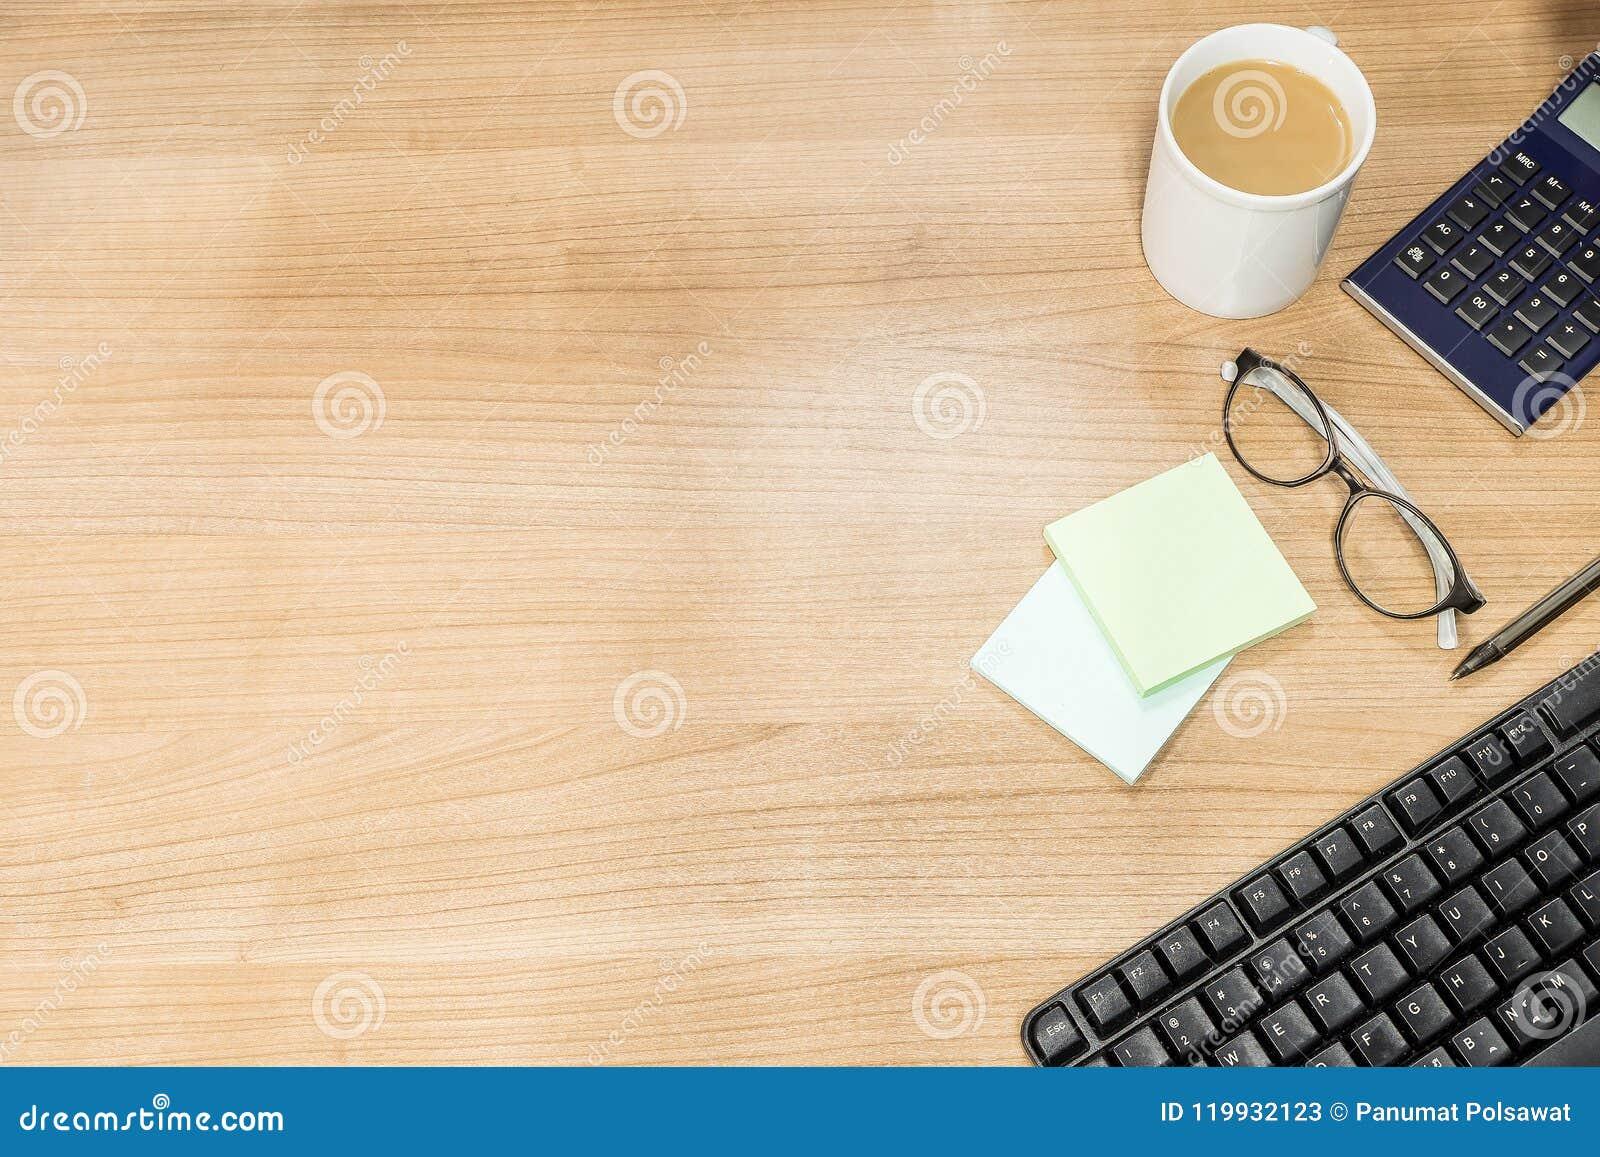 Mezcla de materiales de oficina y de artilugios en un fondo de madera de la tabla